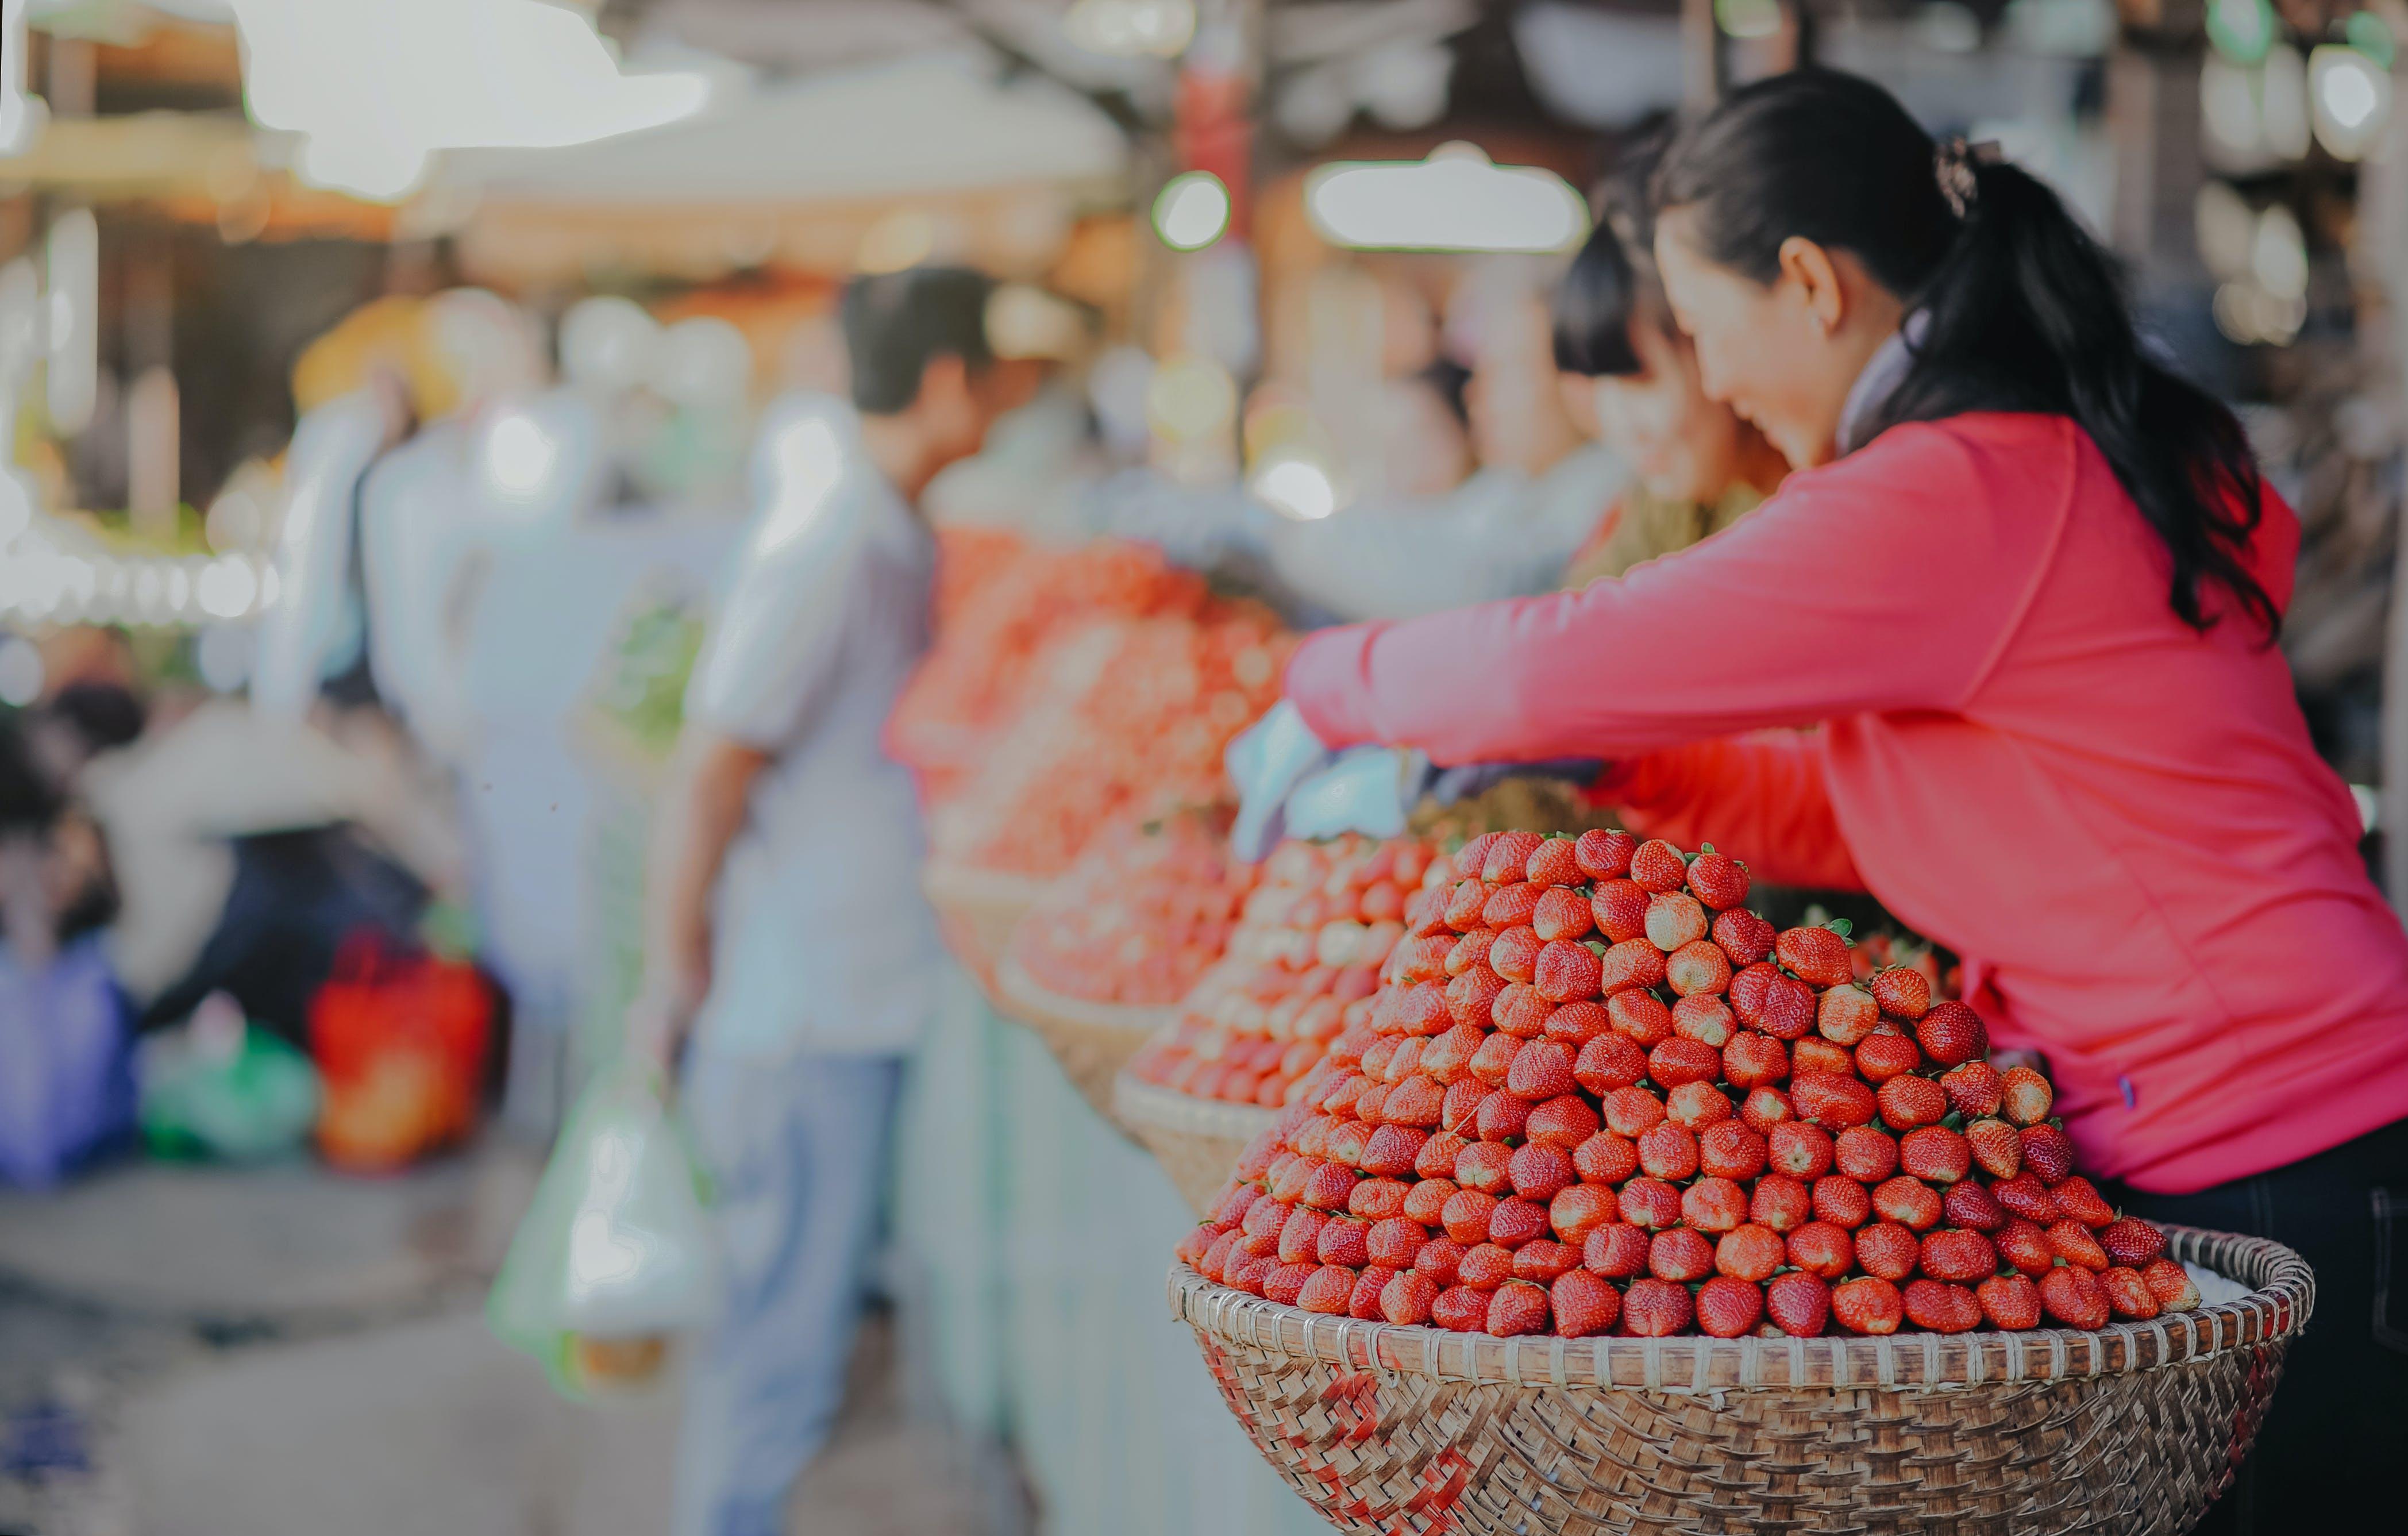 Безкоштовне стокове фото на тему «їжа, акції, Вулиця, Дівчина»